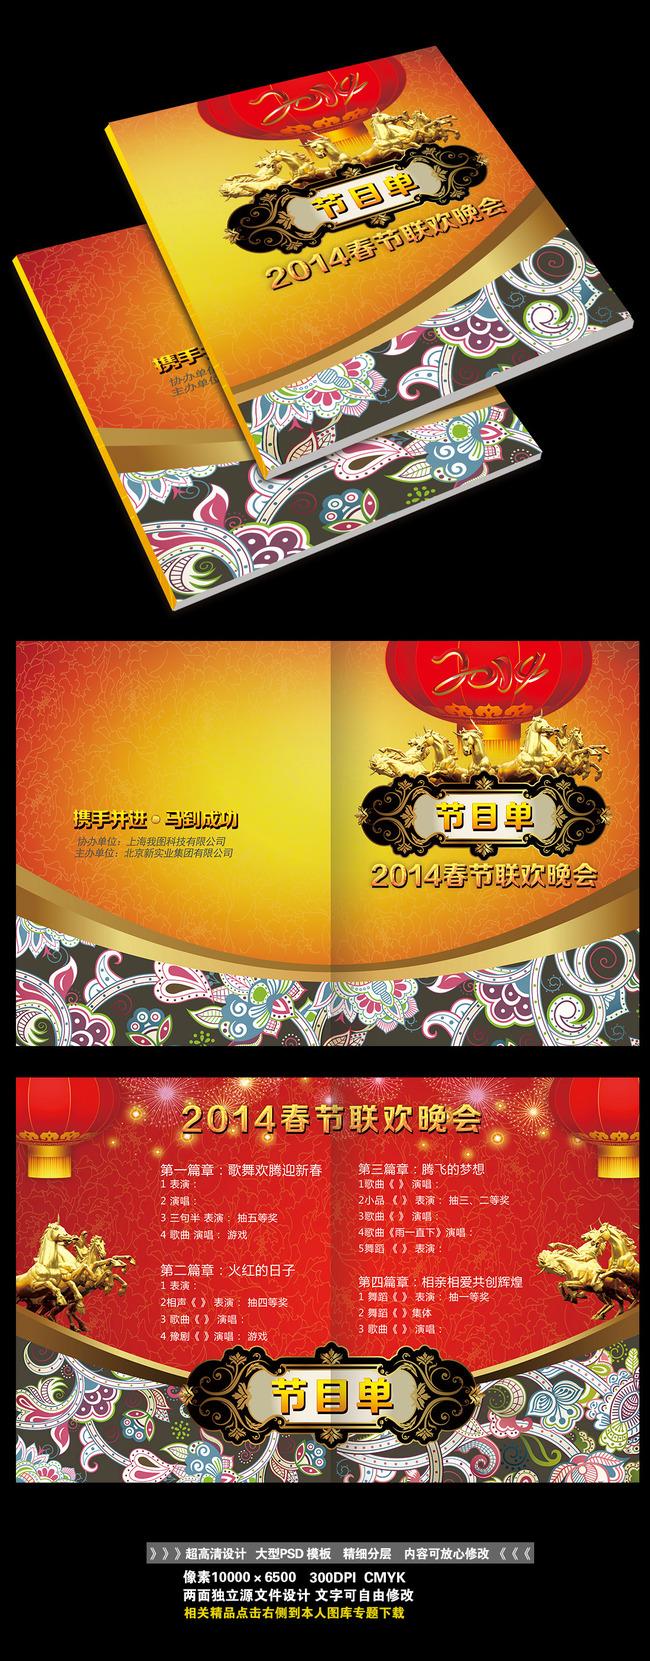 2014马年春节元旦年会晚会节目单设计模板下载